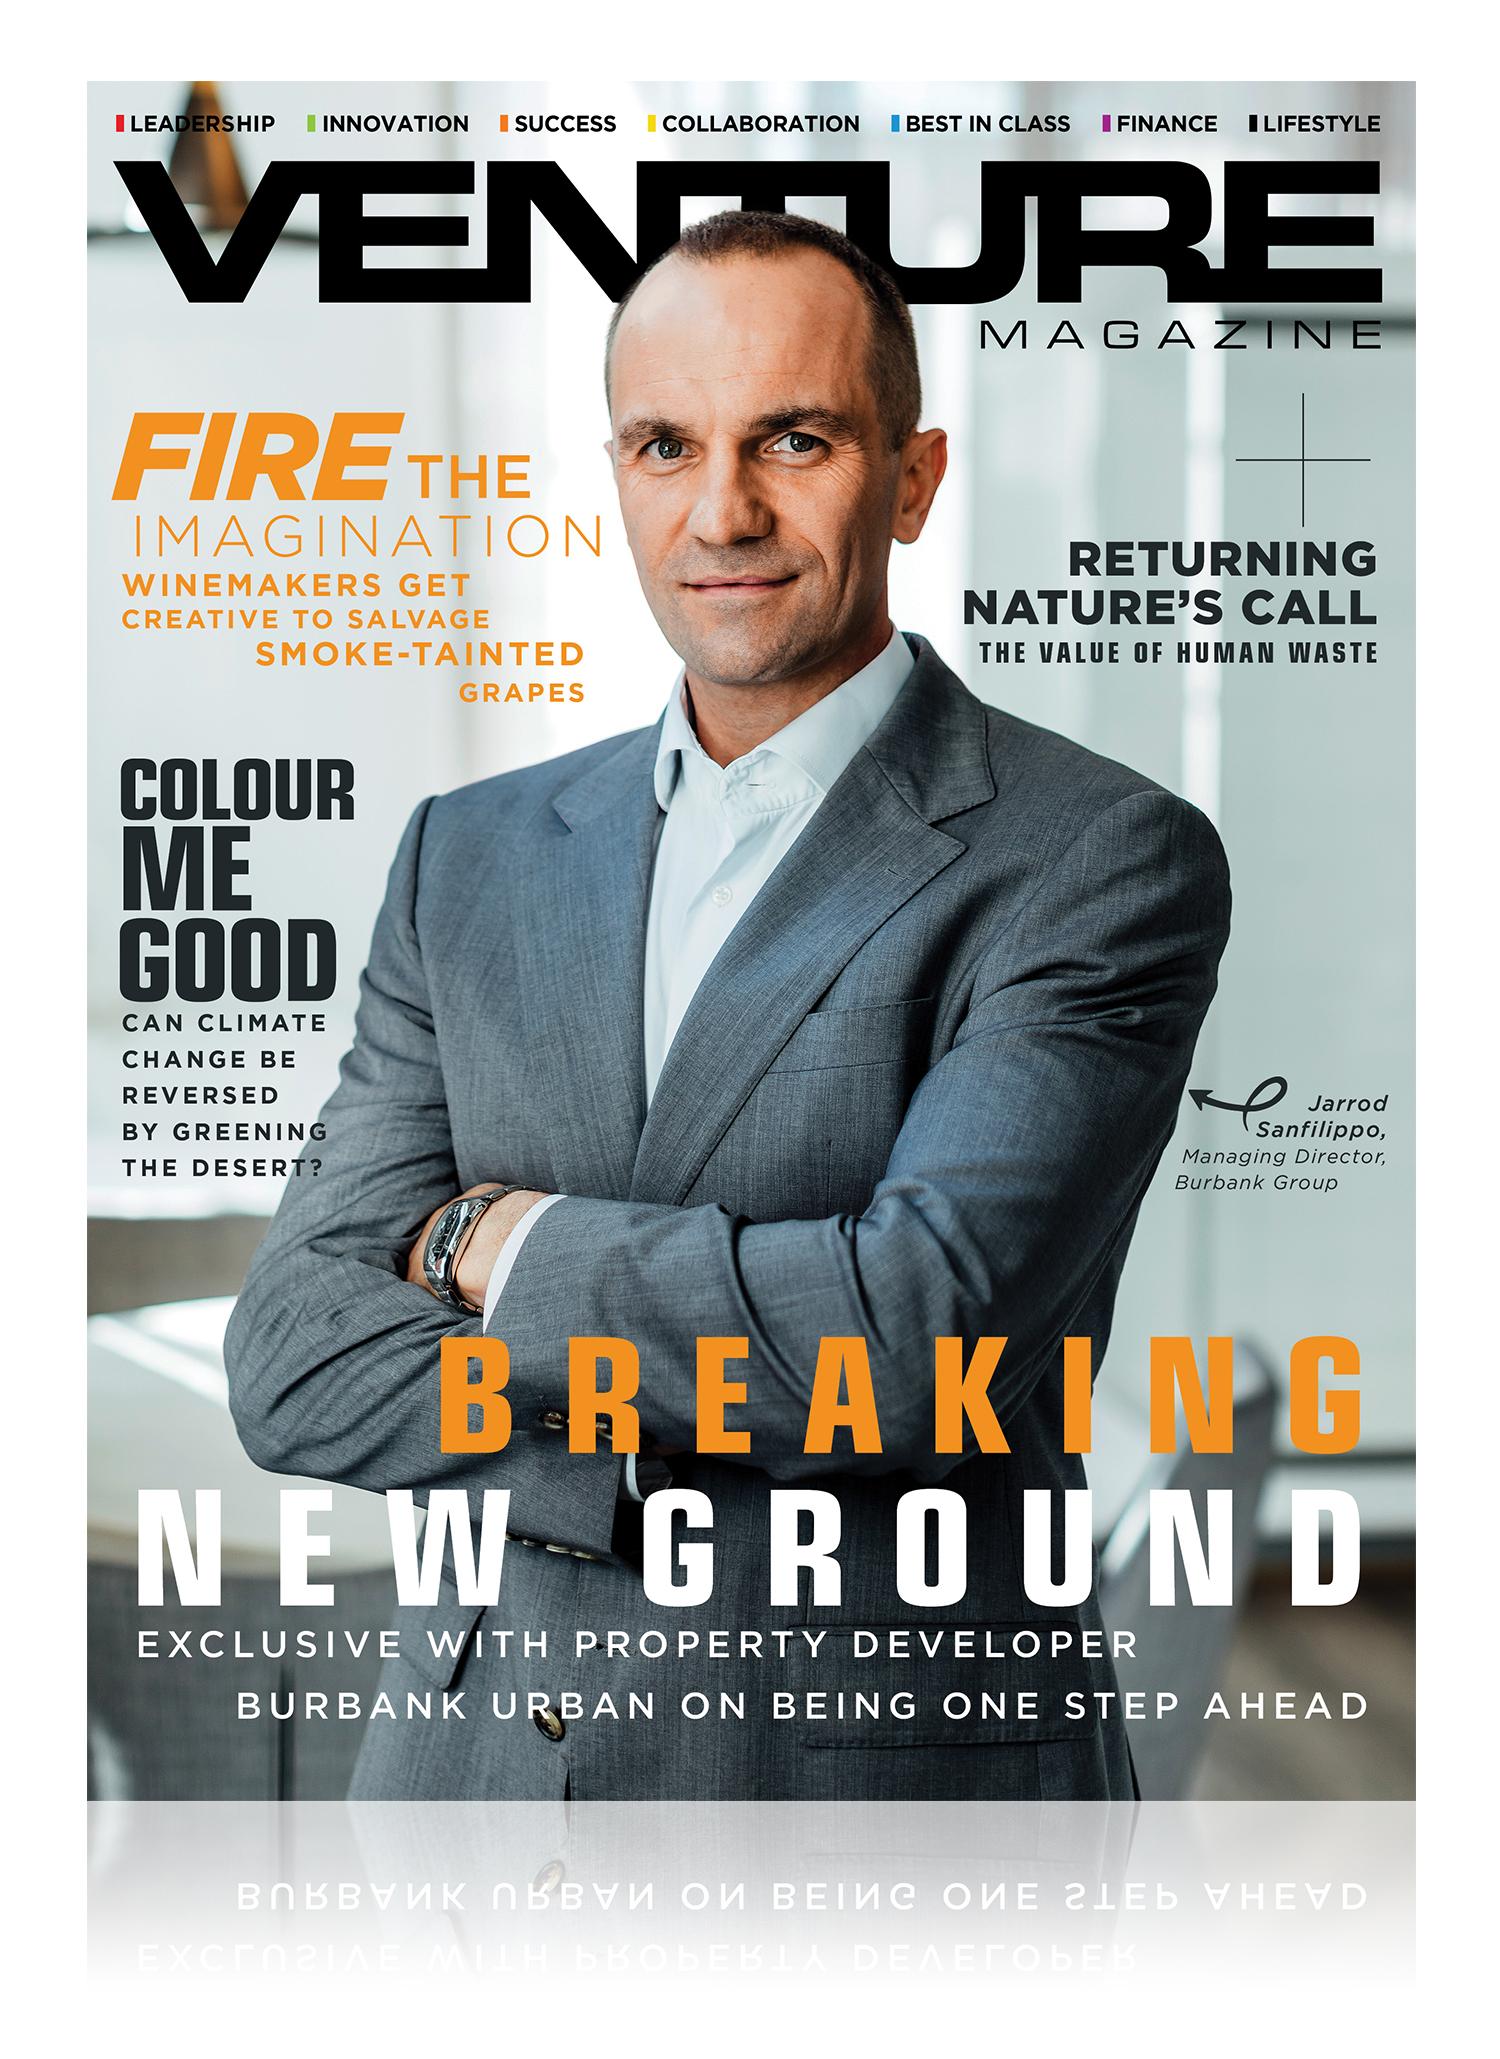 Venture Magazine October 2019 Issue